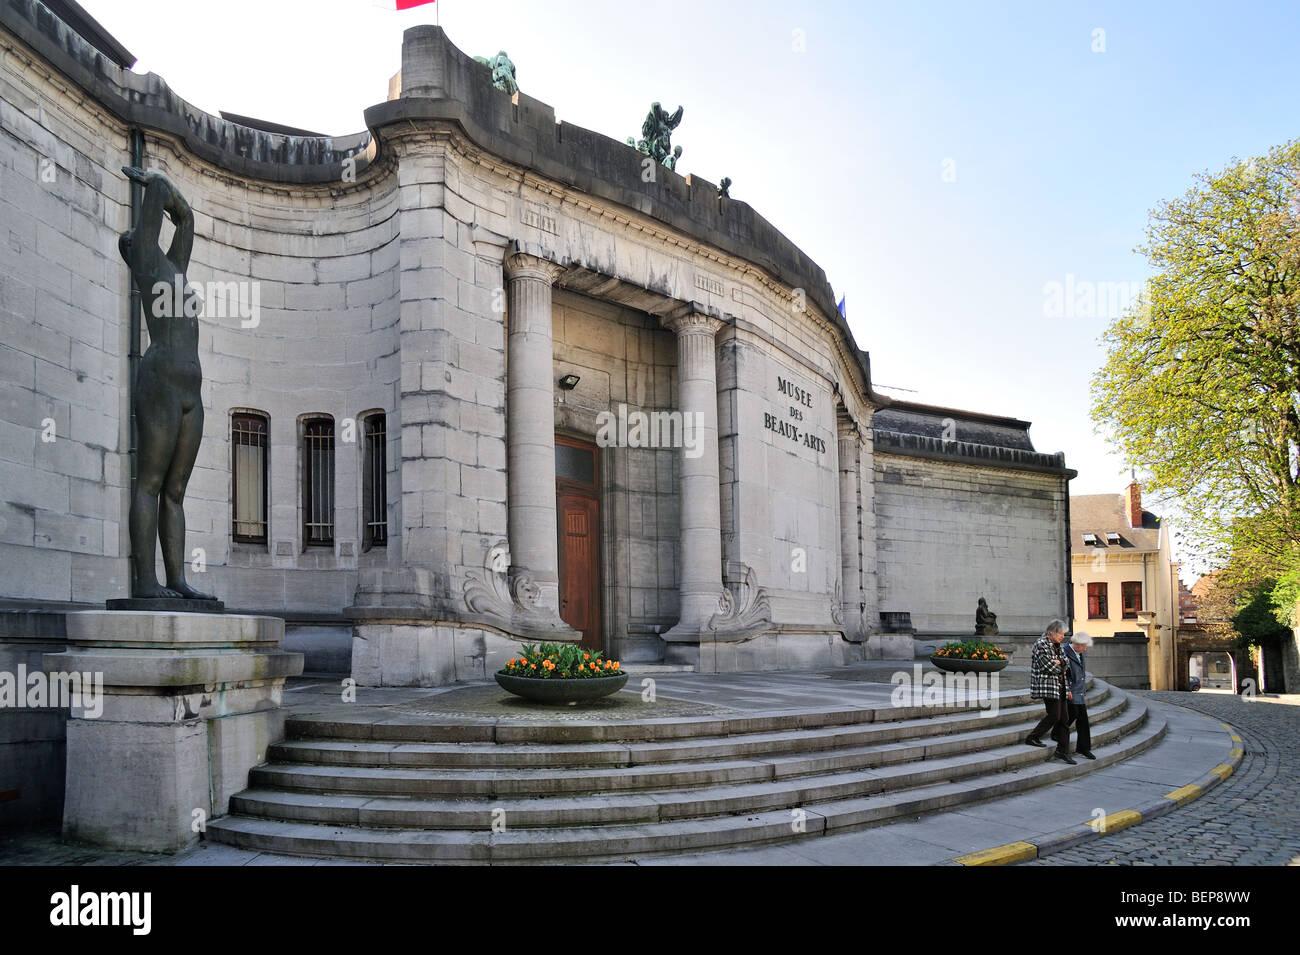 The museum of fine art / Musée des Beaux-Arts, Tournai, Belgium Stock Photo